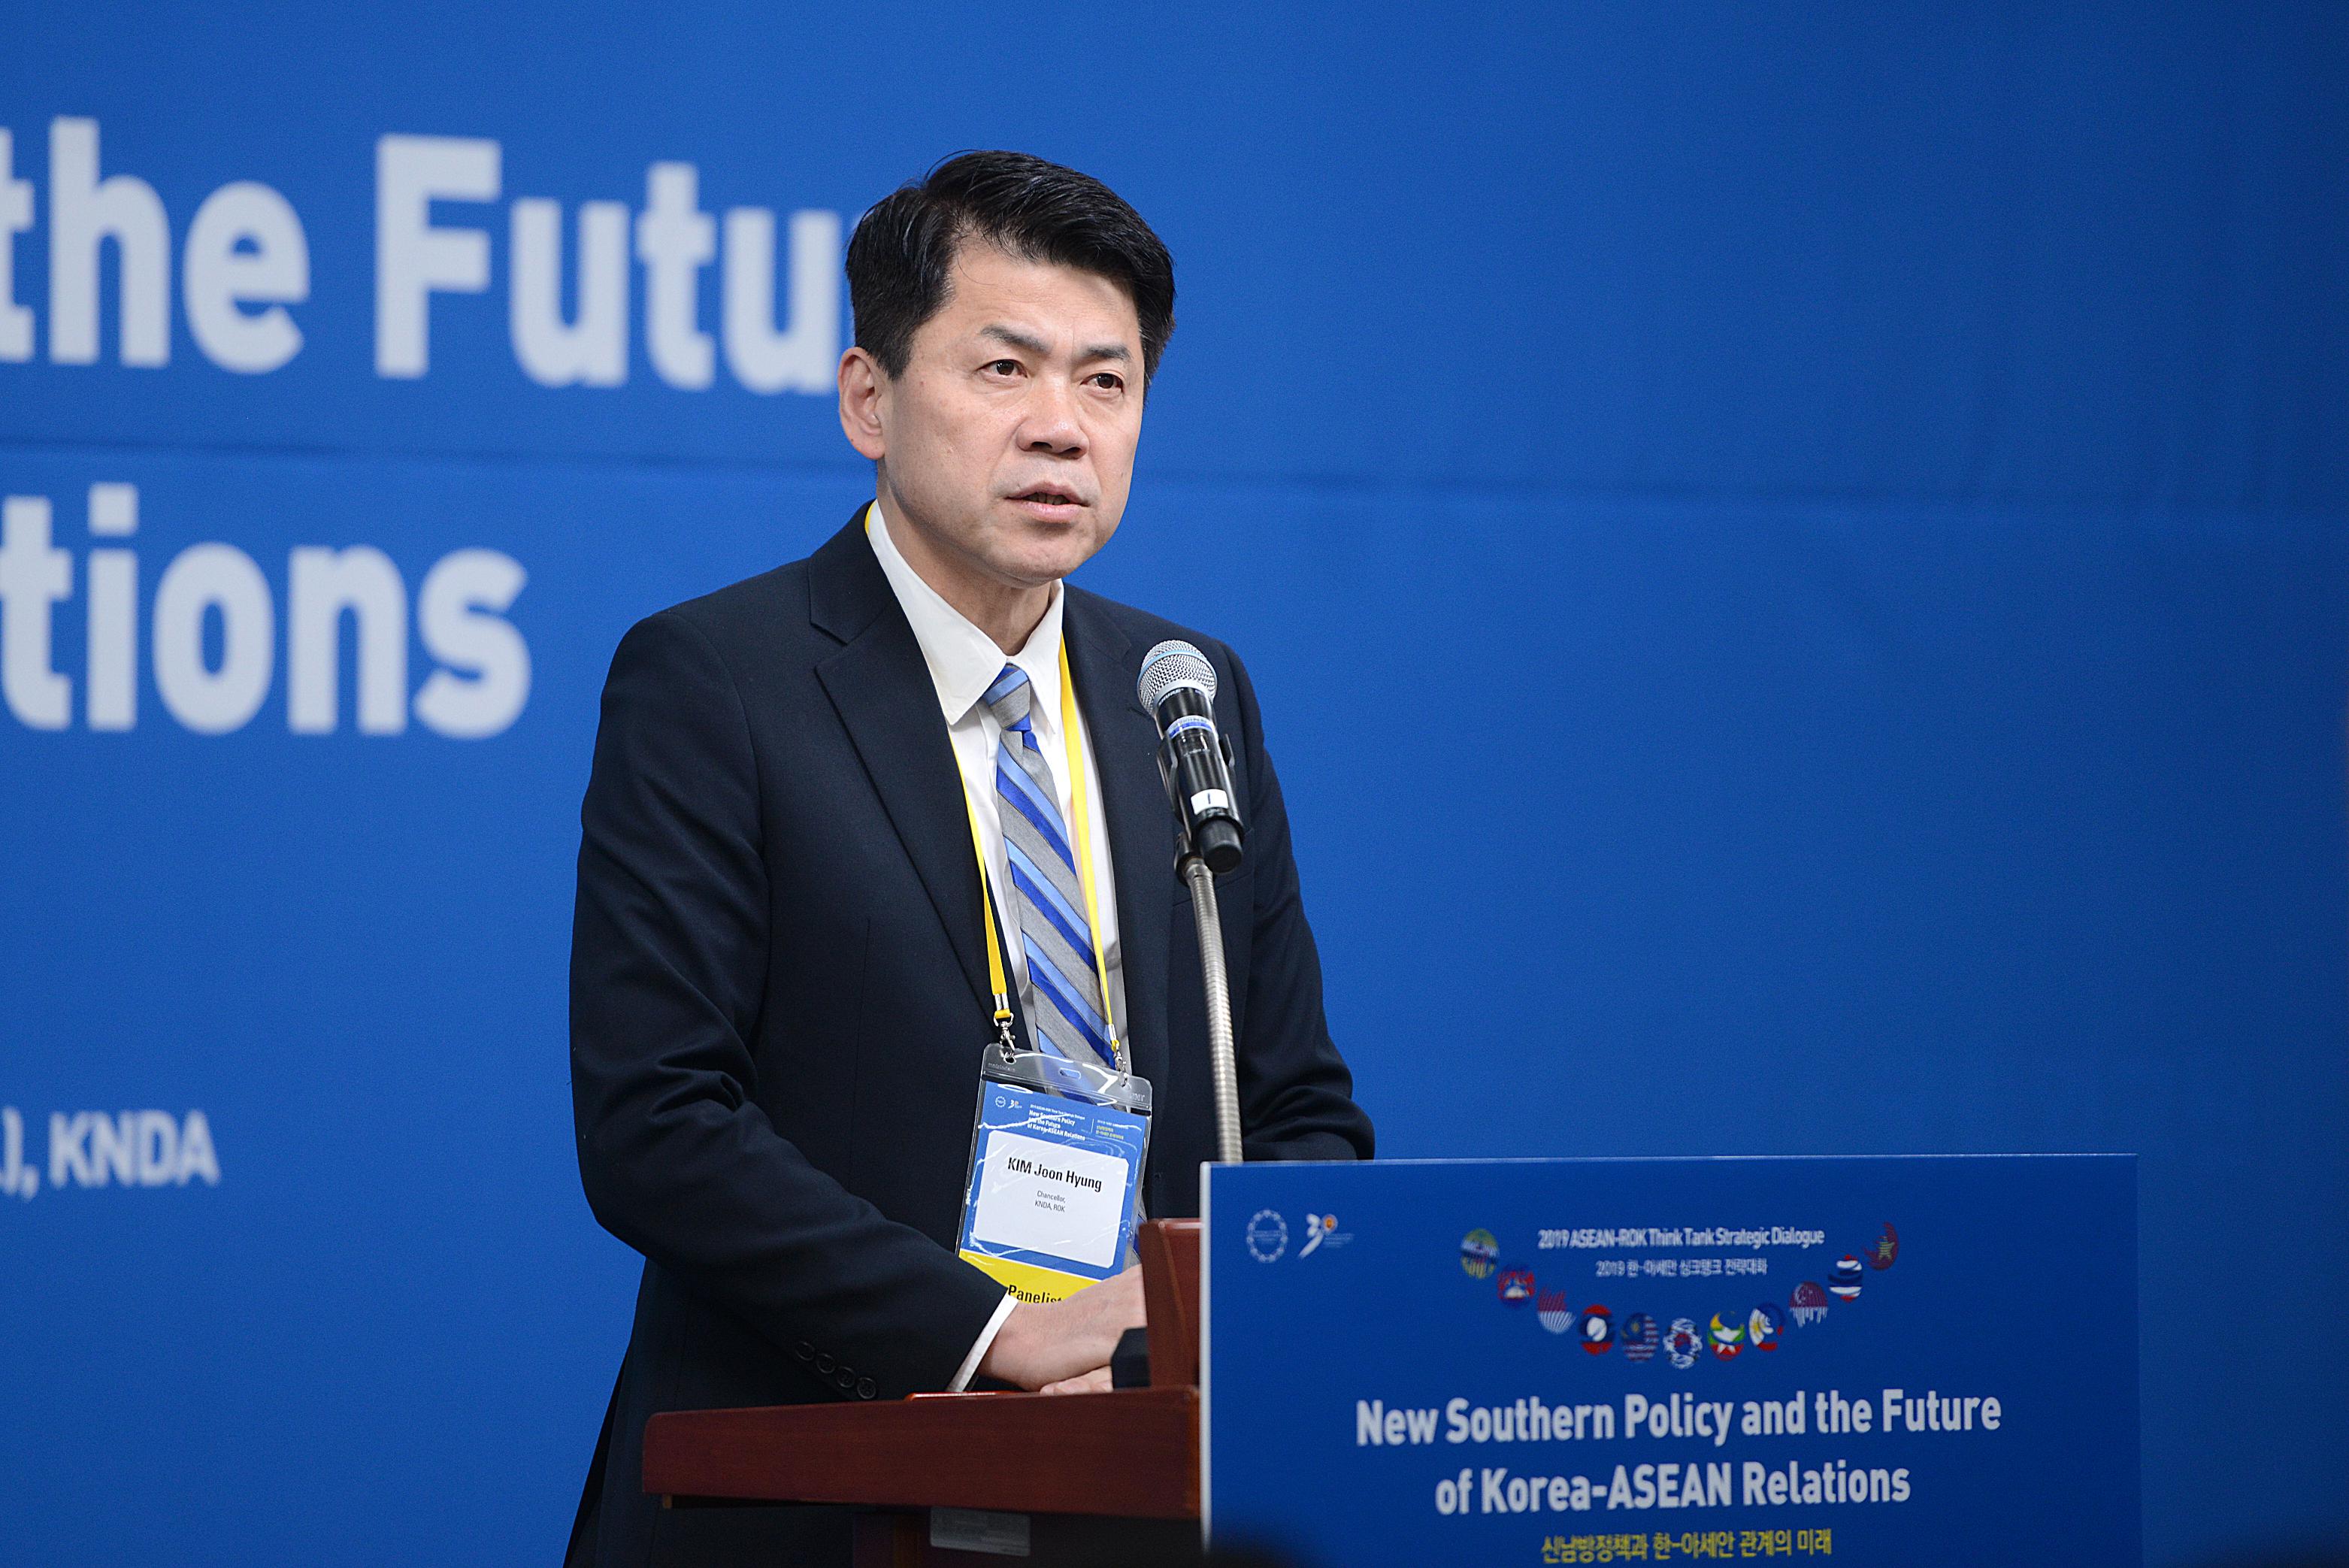 11월 ⌜한-아세안 특별정상회의⌟에 대한 전문가 공동정책제언 발표